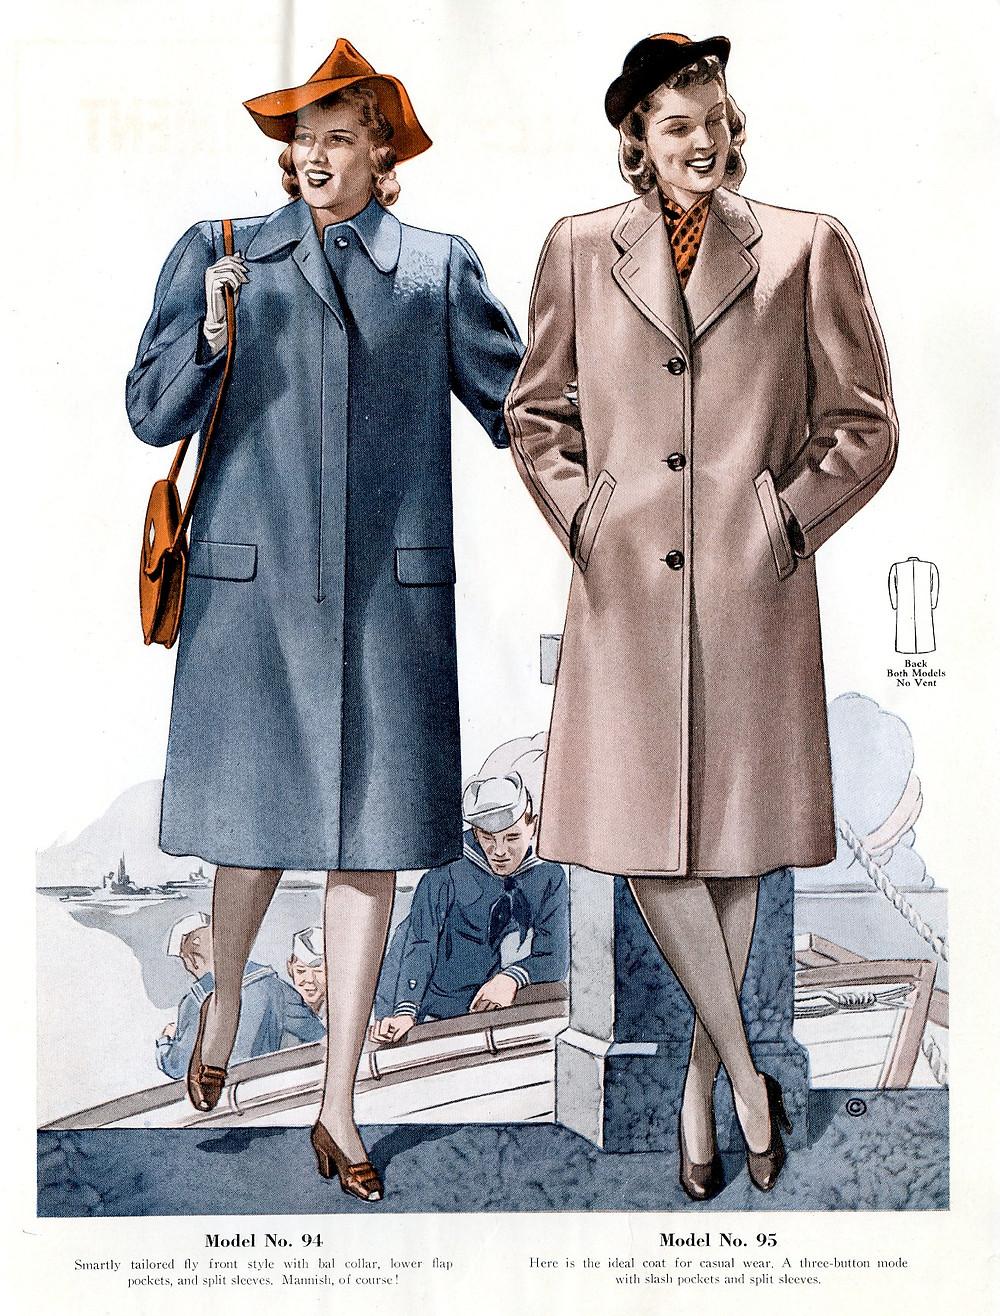 1940s fashion coats for civilian women